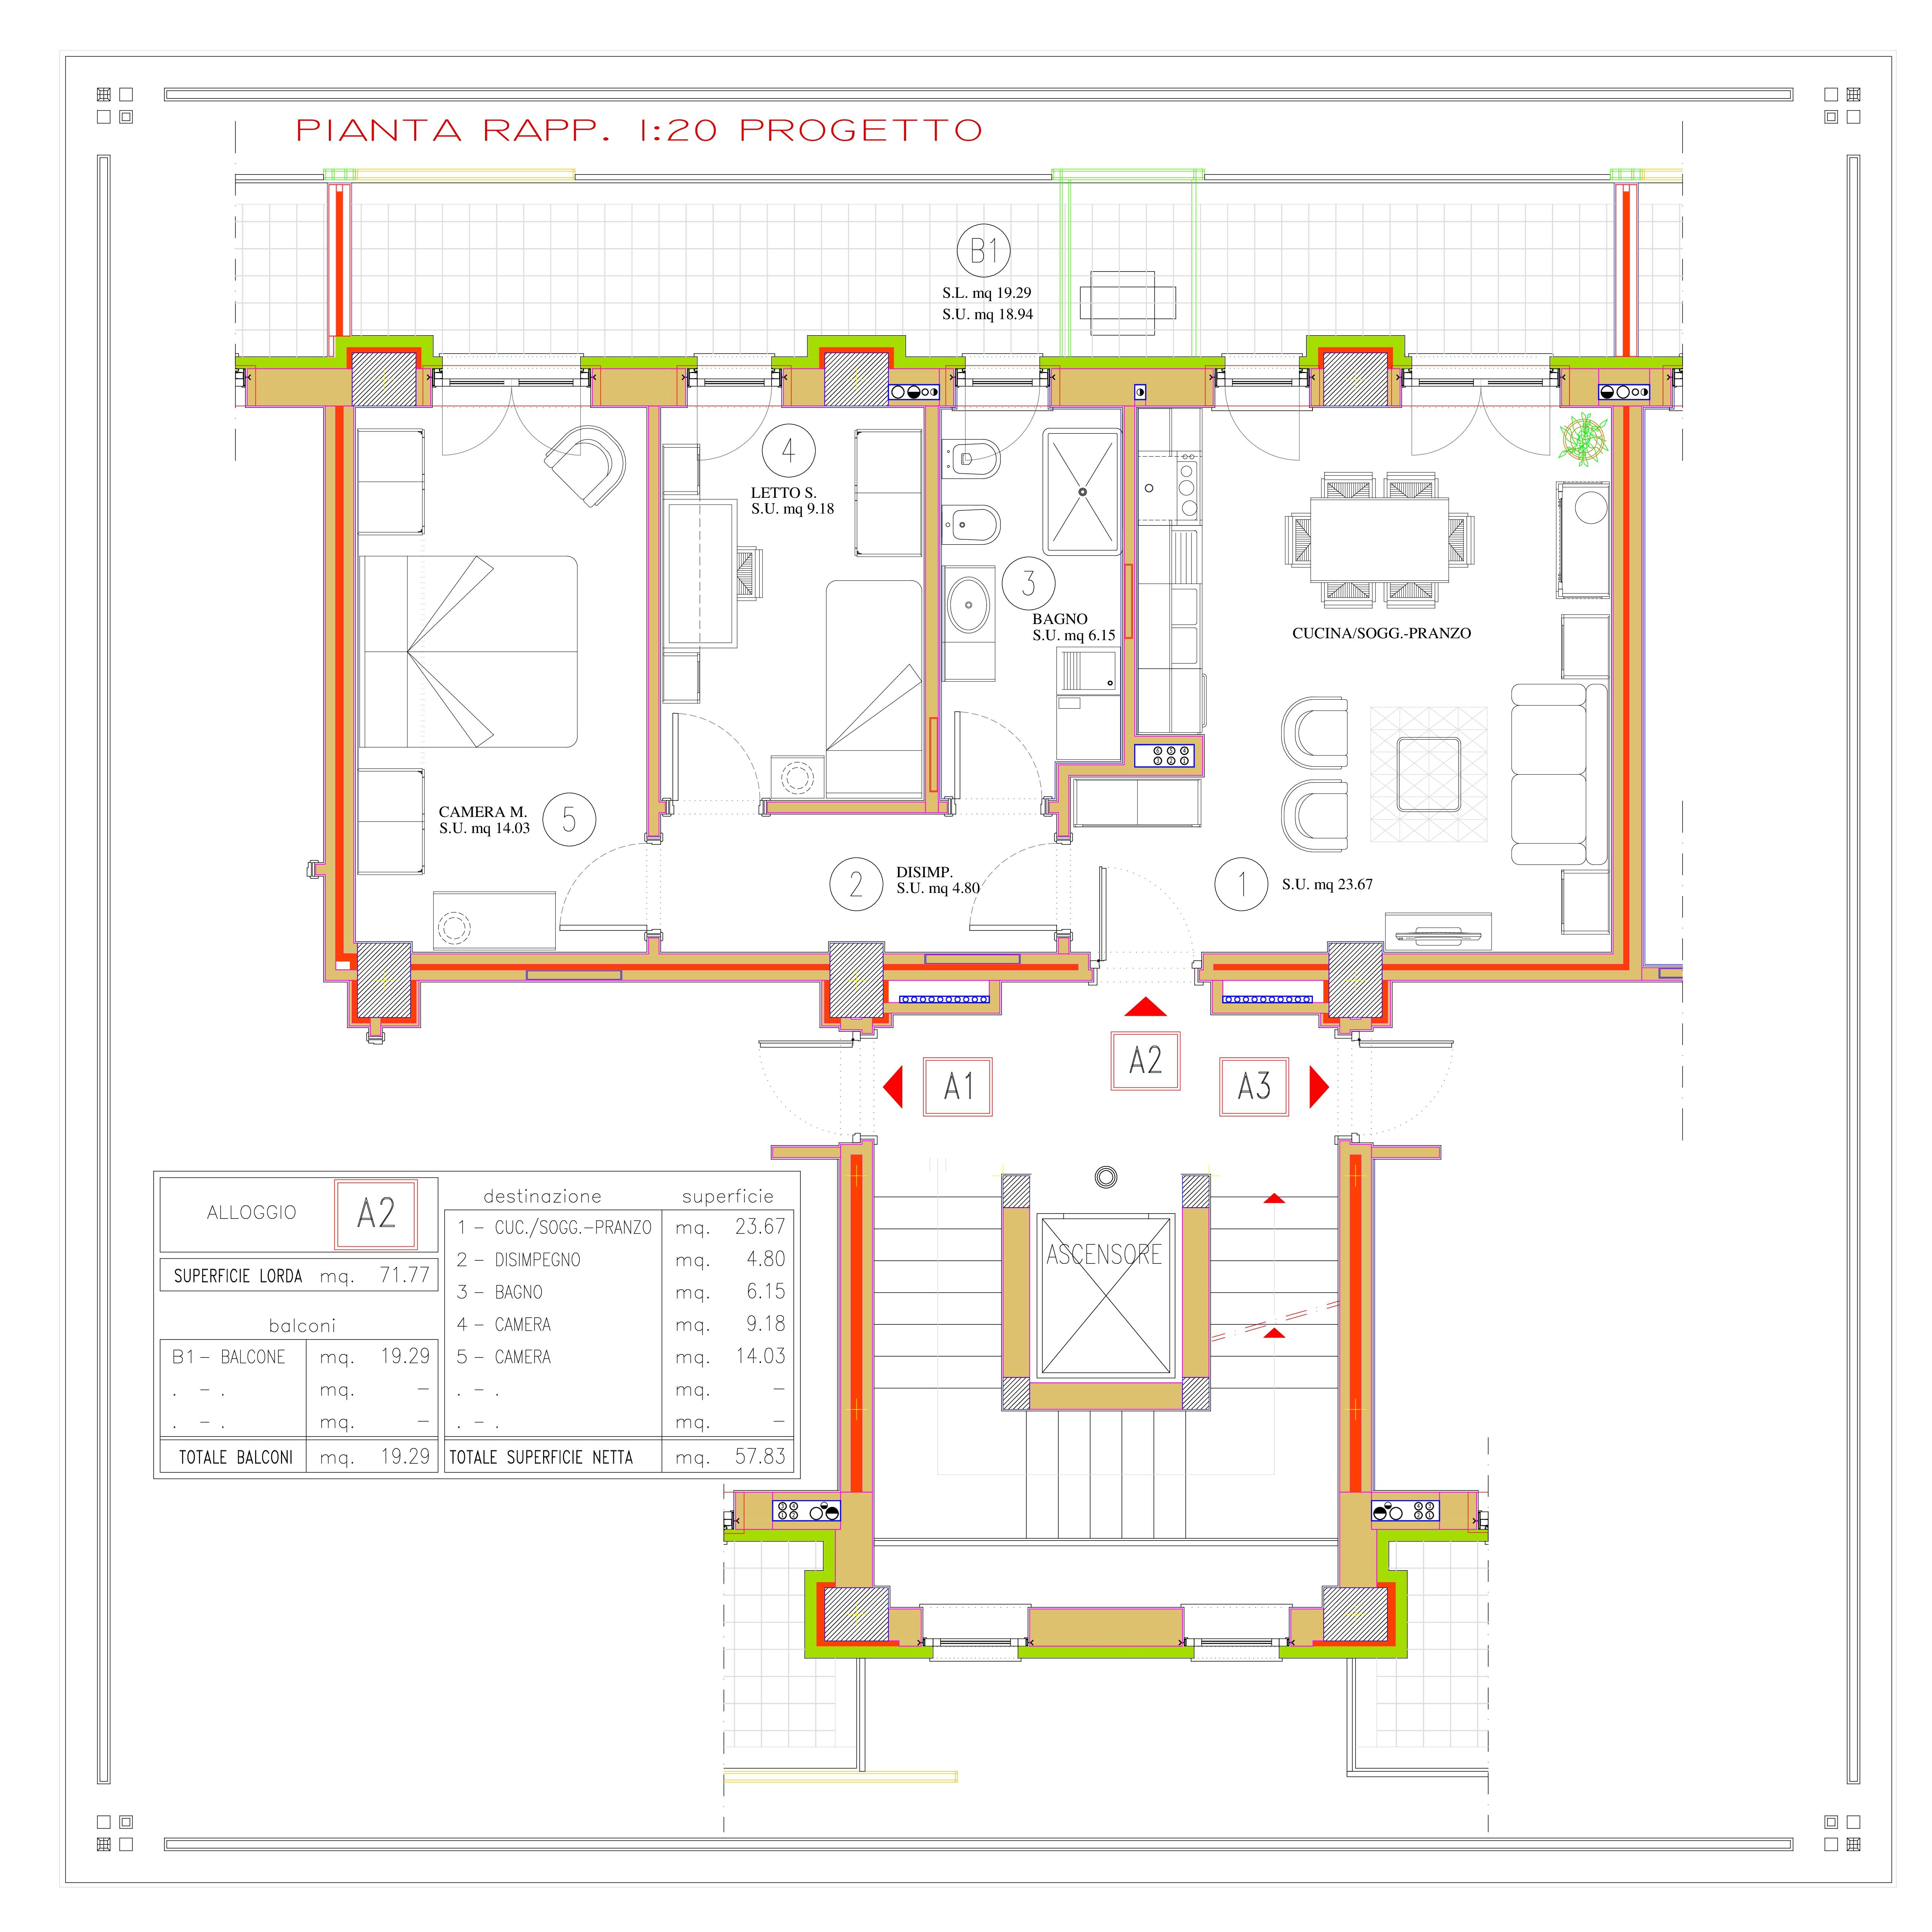 DIVISIONE APPARTAMENTO A2 (LORDI E NETTI) quota 819 (821.75)-001